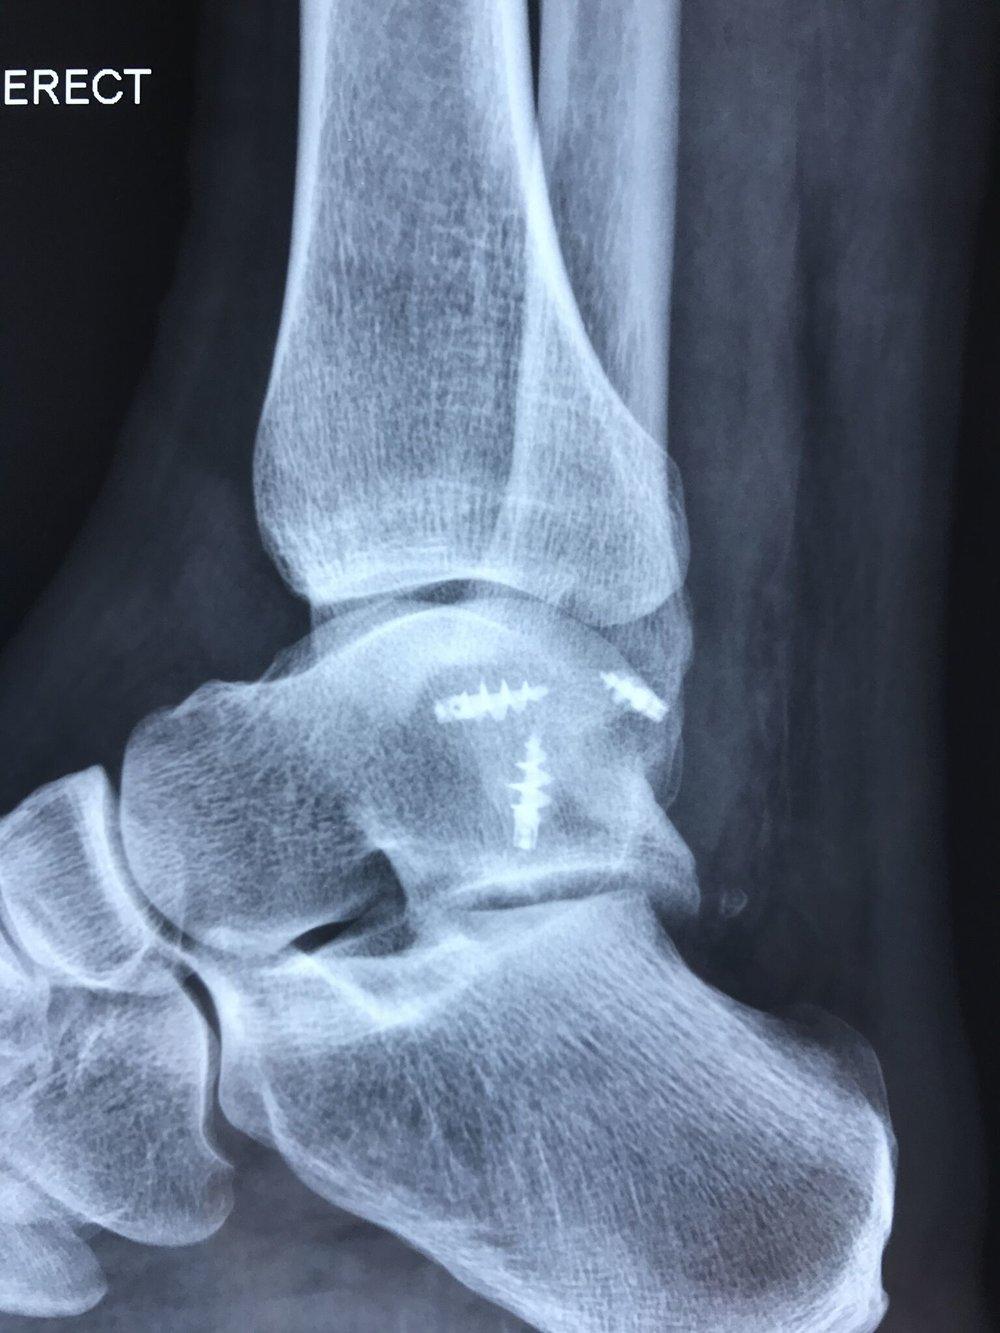 Ankle stabilisation